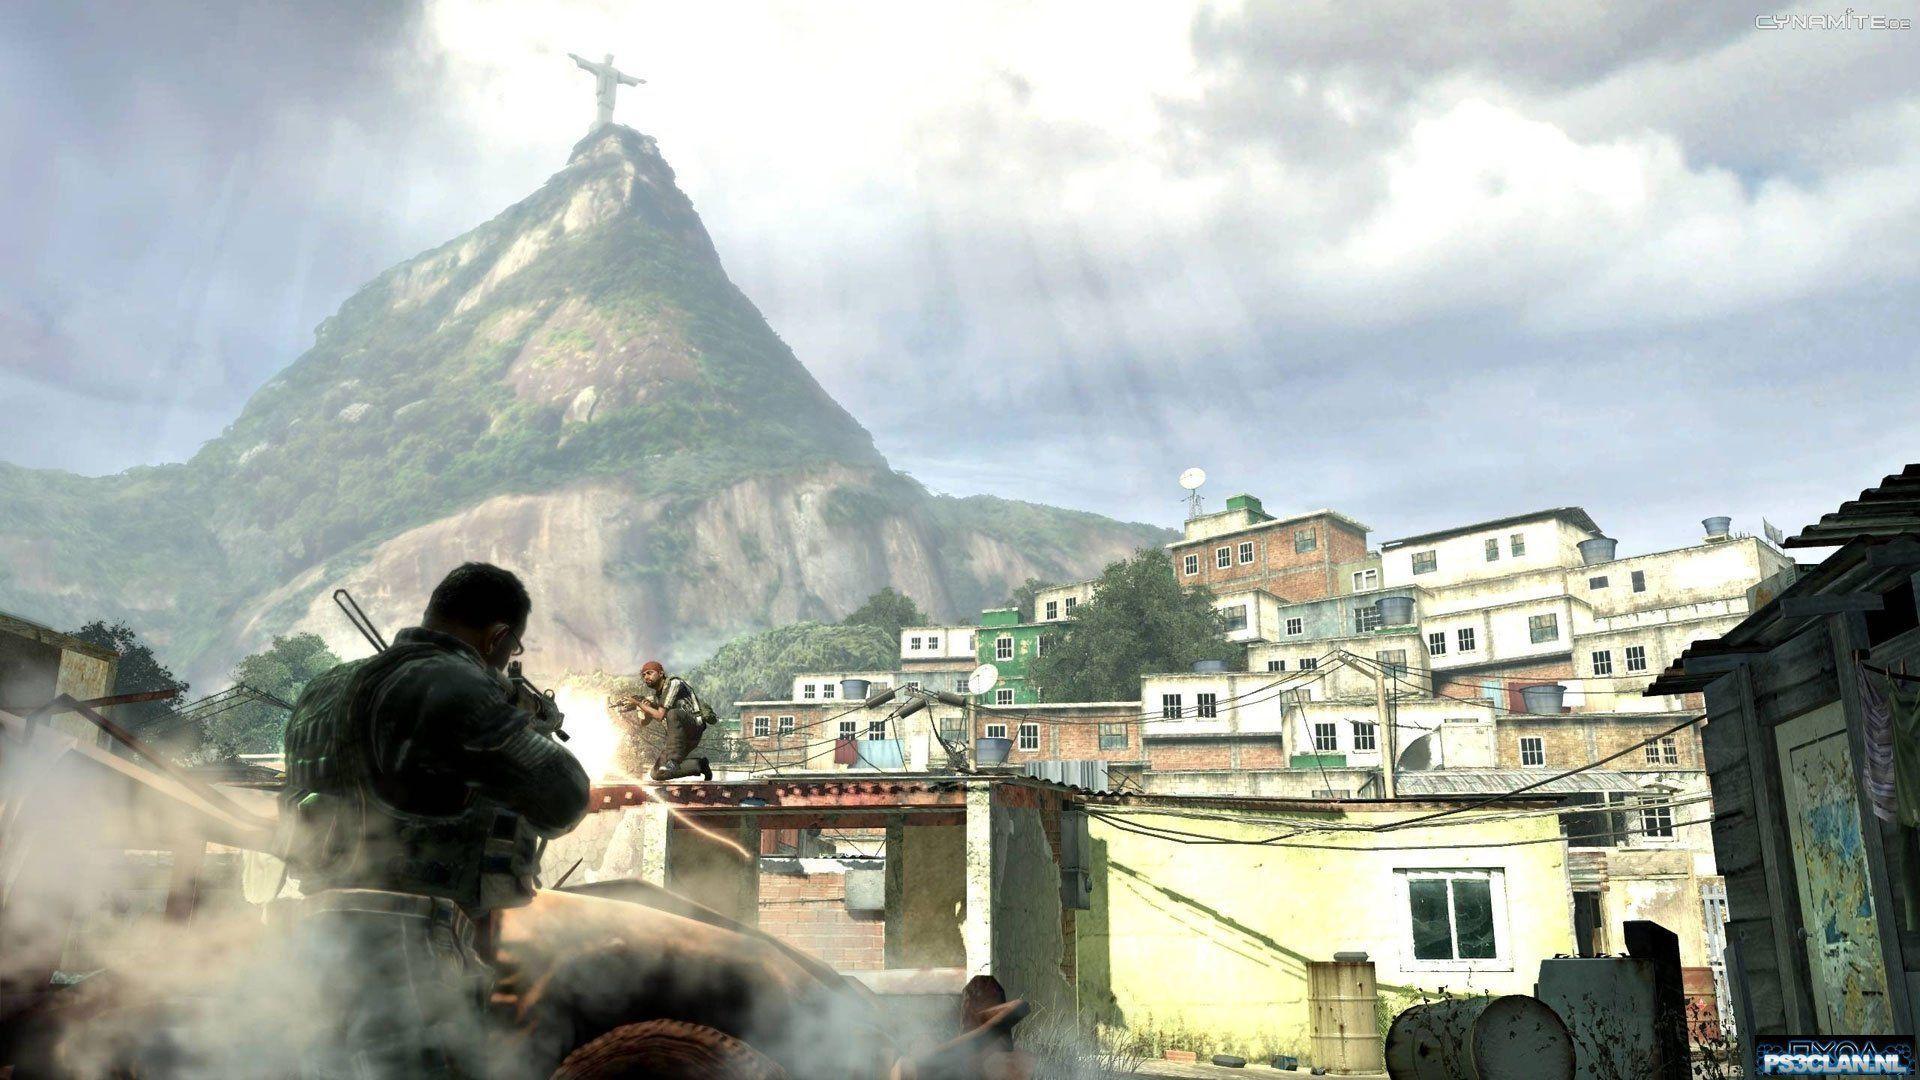 Christ The Redeemer Hd Wallpaper Favela Wallpapers Wallpaper Cave